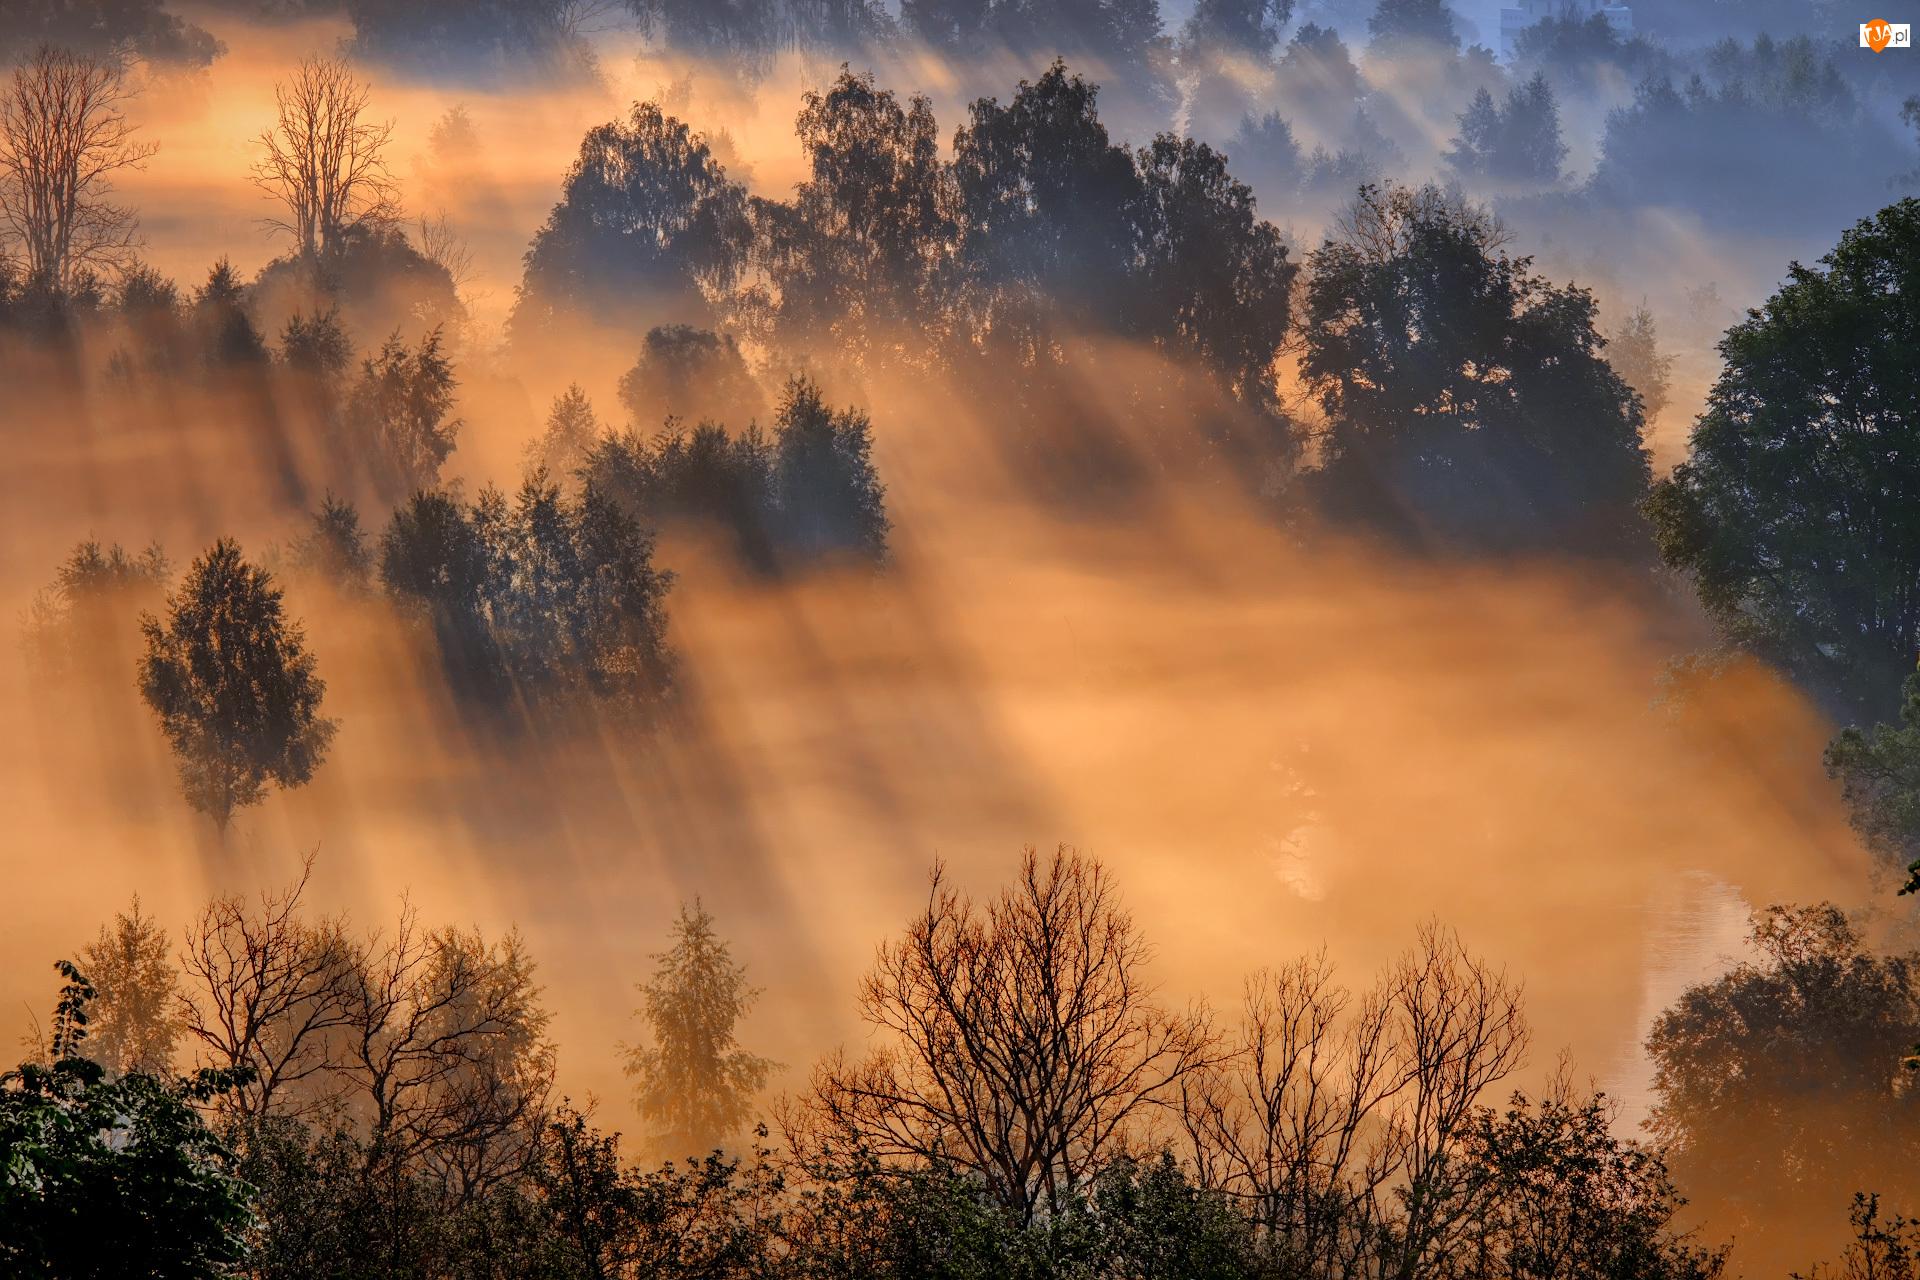 Przebijające światło, Drzewa, Las, Mgła